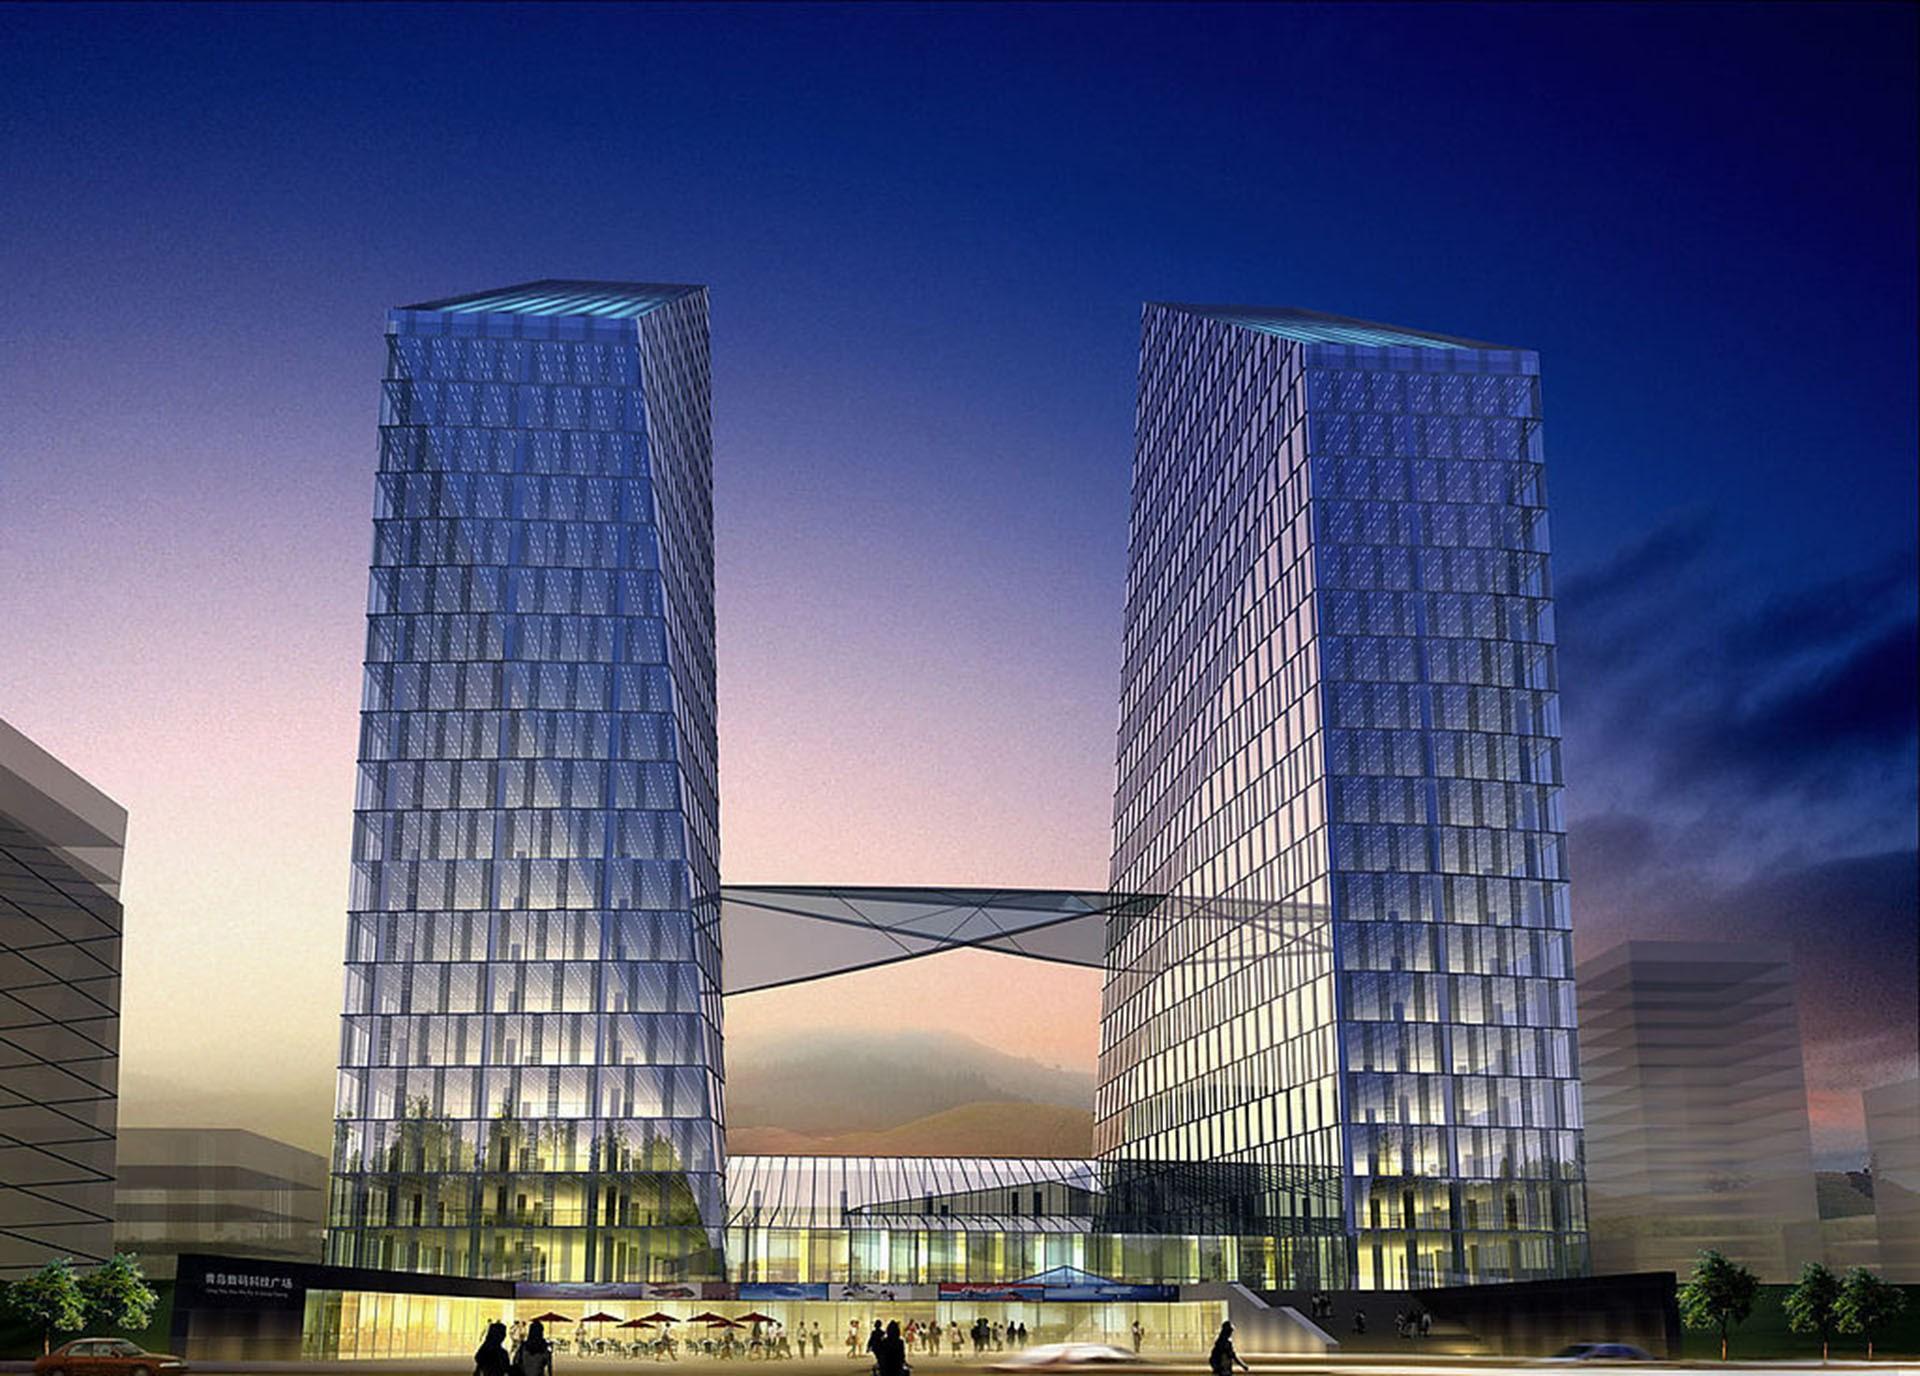 廣西壯族自治區人民政府辦公廳 — 關于加快建筑鋼結構推廣應用的指導意見